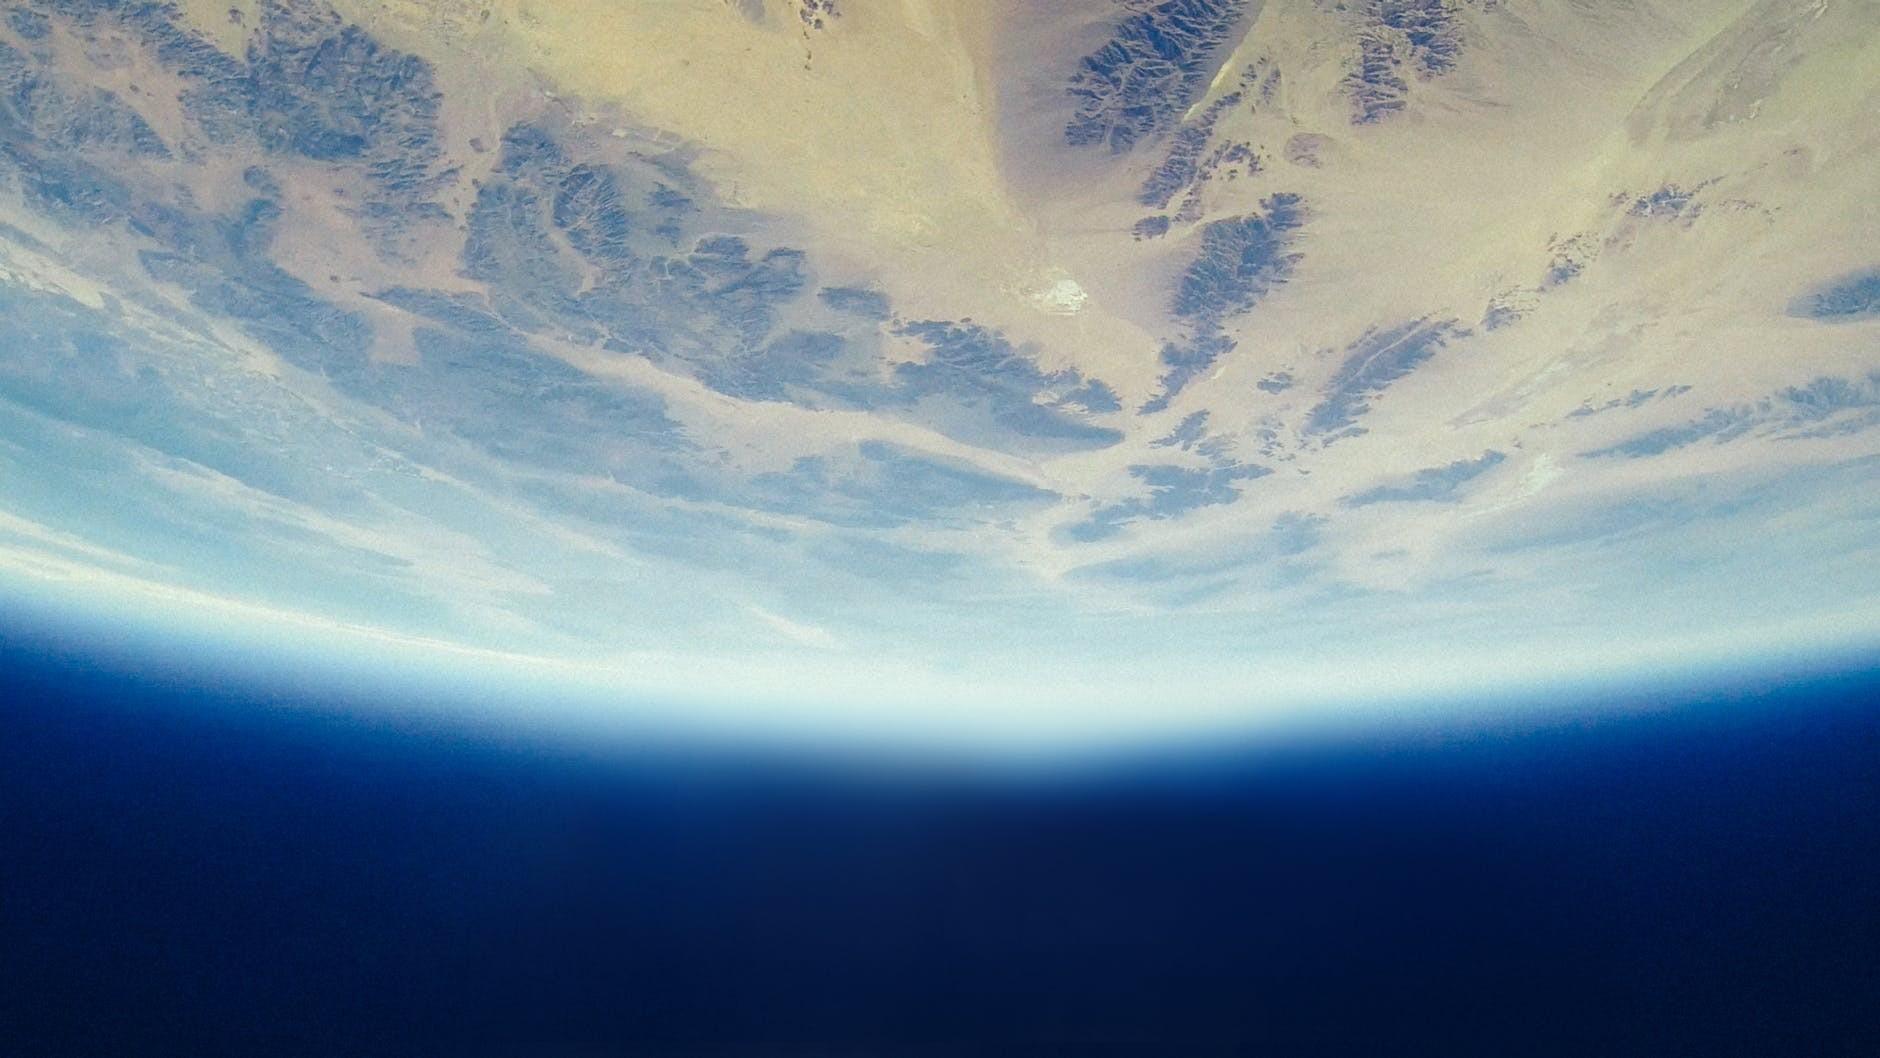 差一點世界末日 太空盲點小行星直衝地球 發現時只剩幾小時